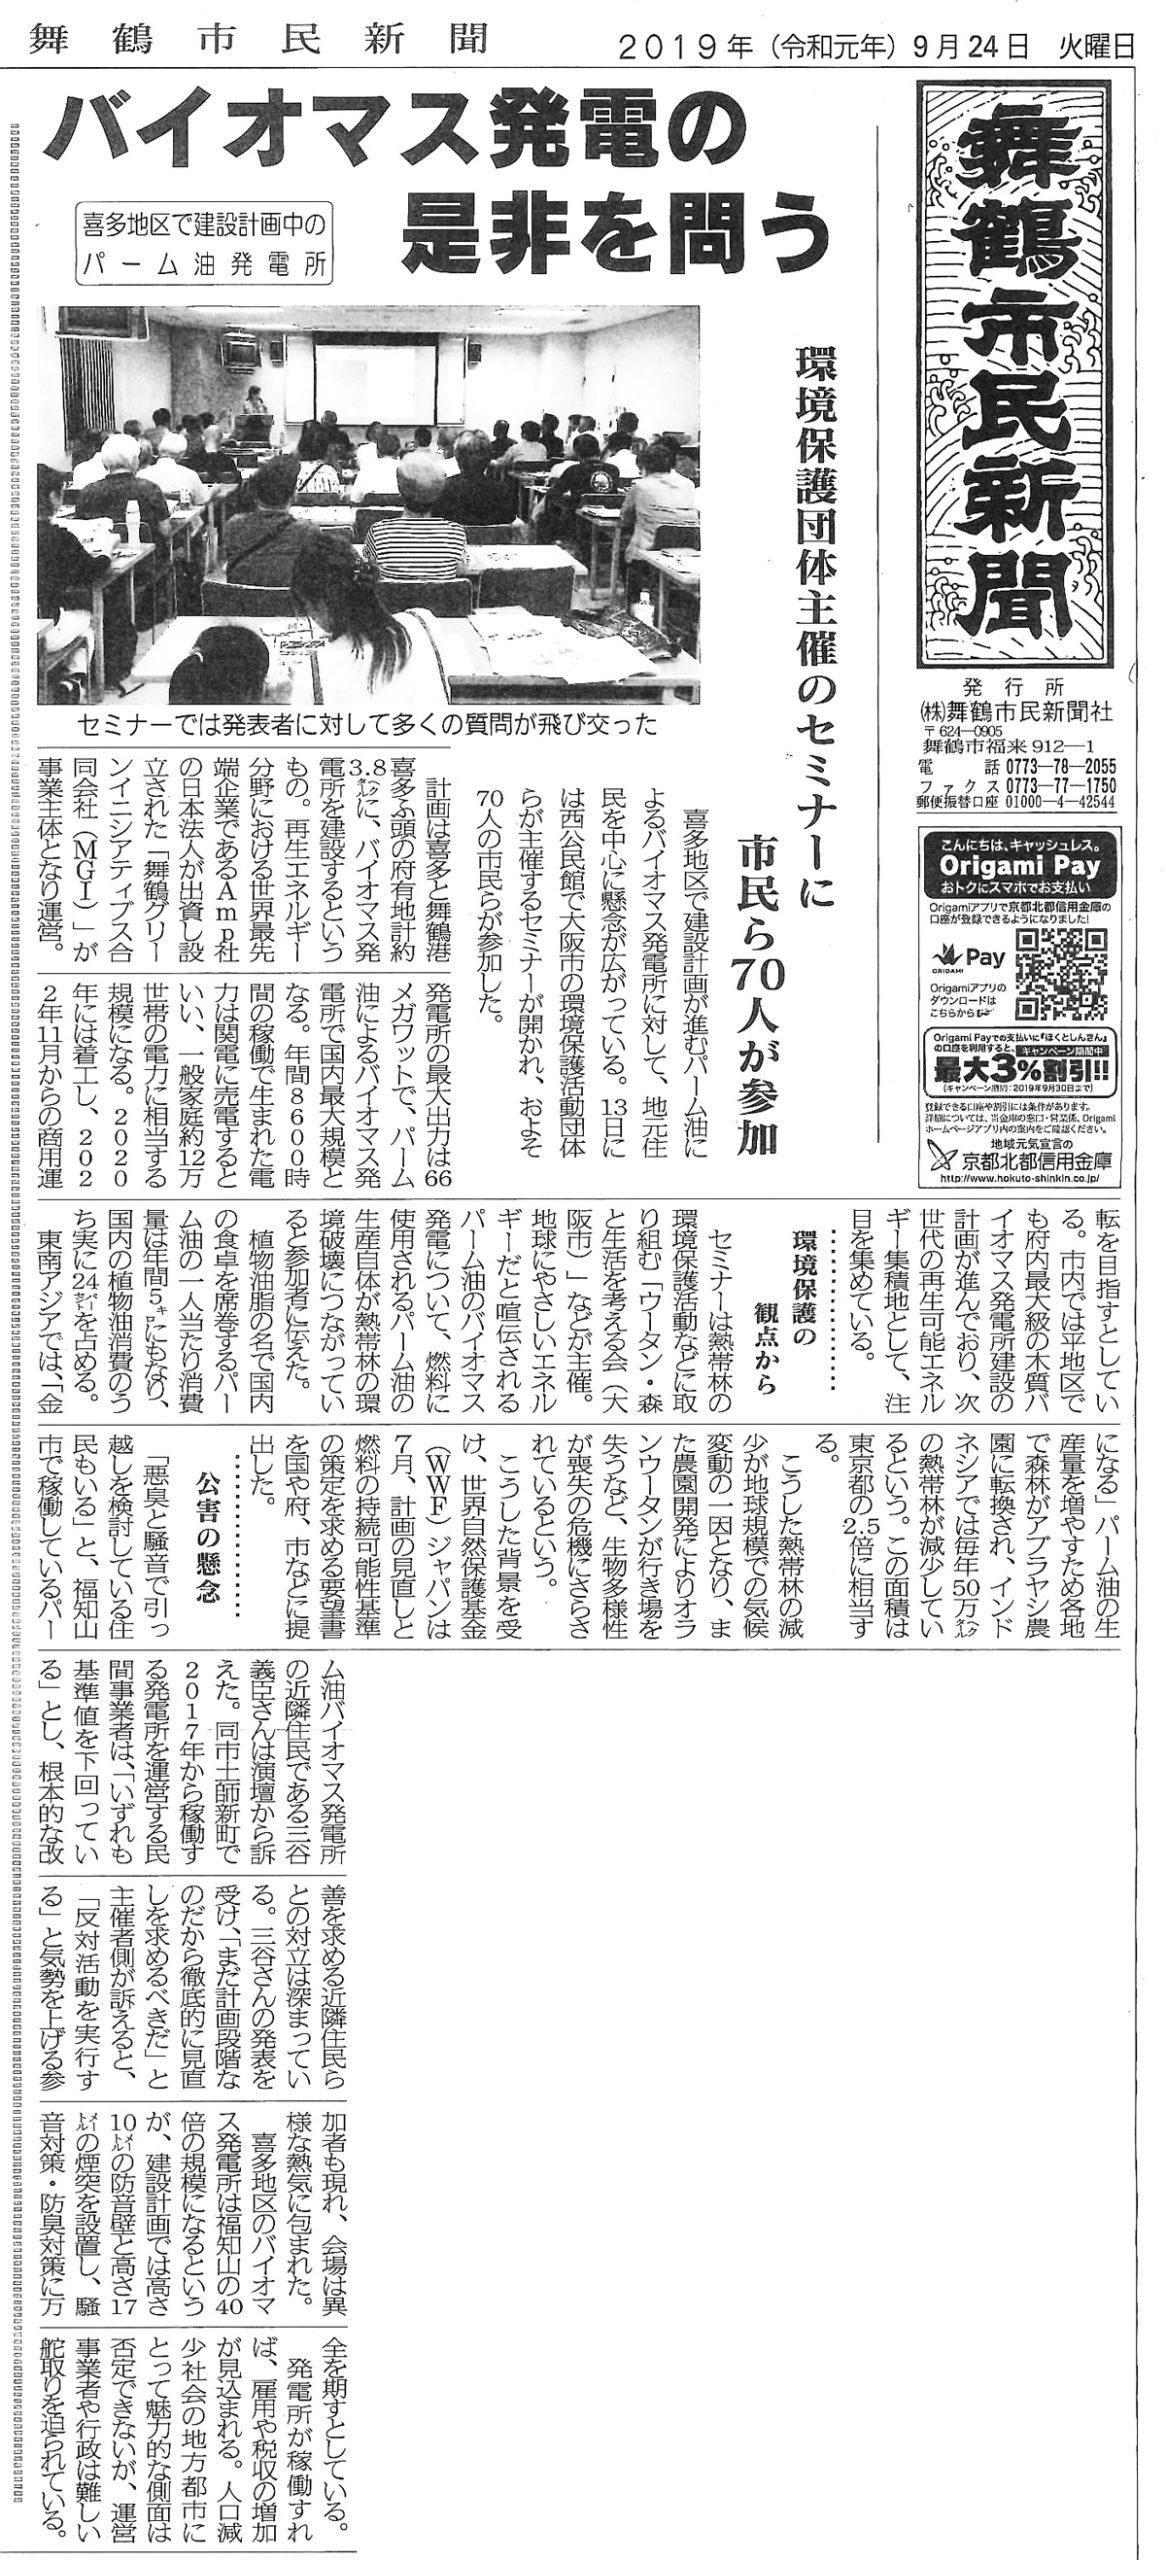 舞鶴市民新聞にパーム油火力発電所の危険性を訴えるセミナーのようすが掲載されました 2019年9月24日